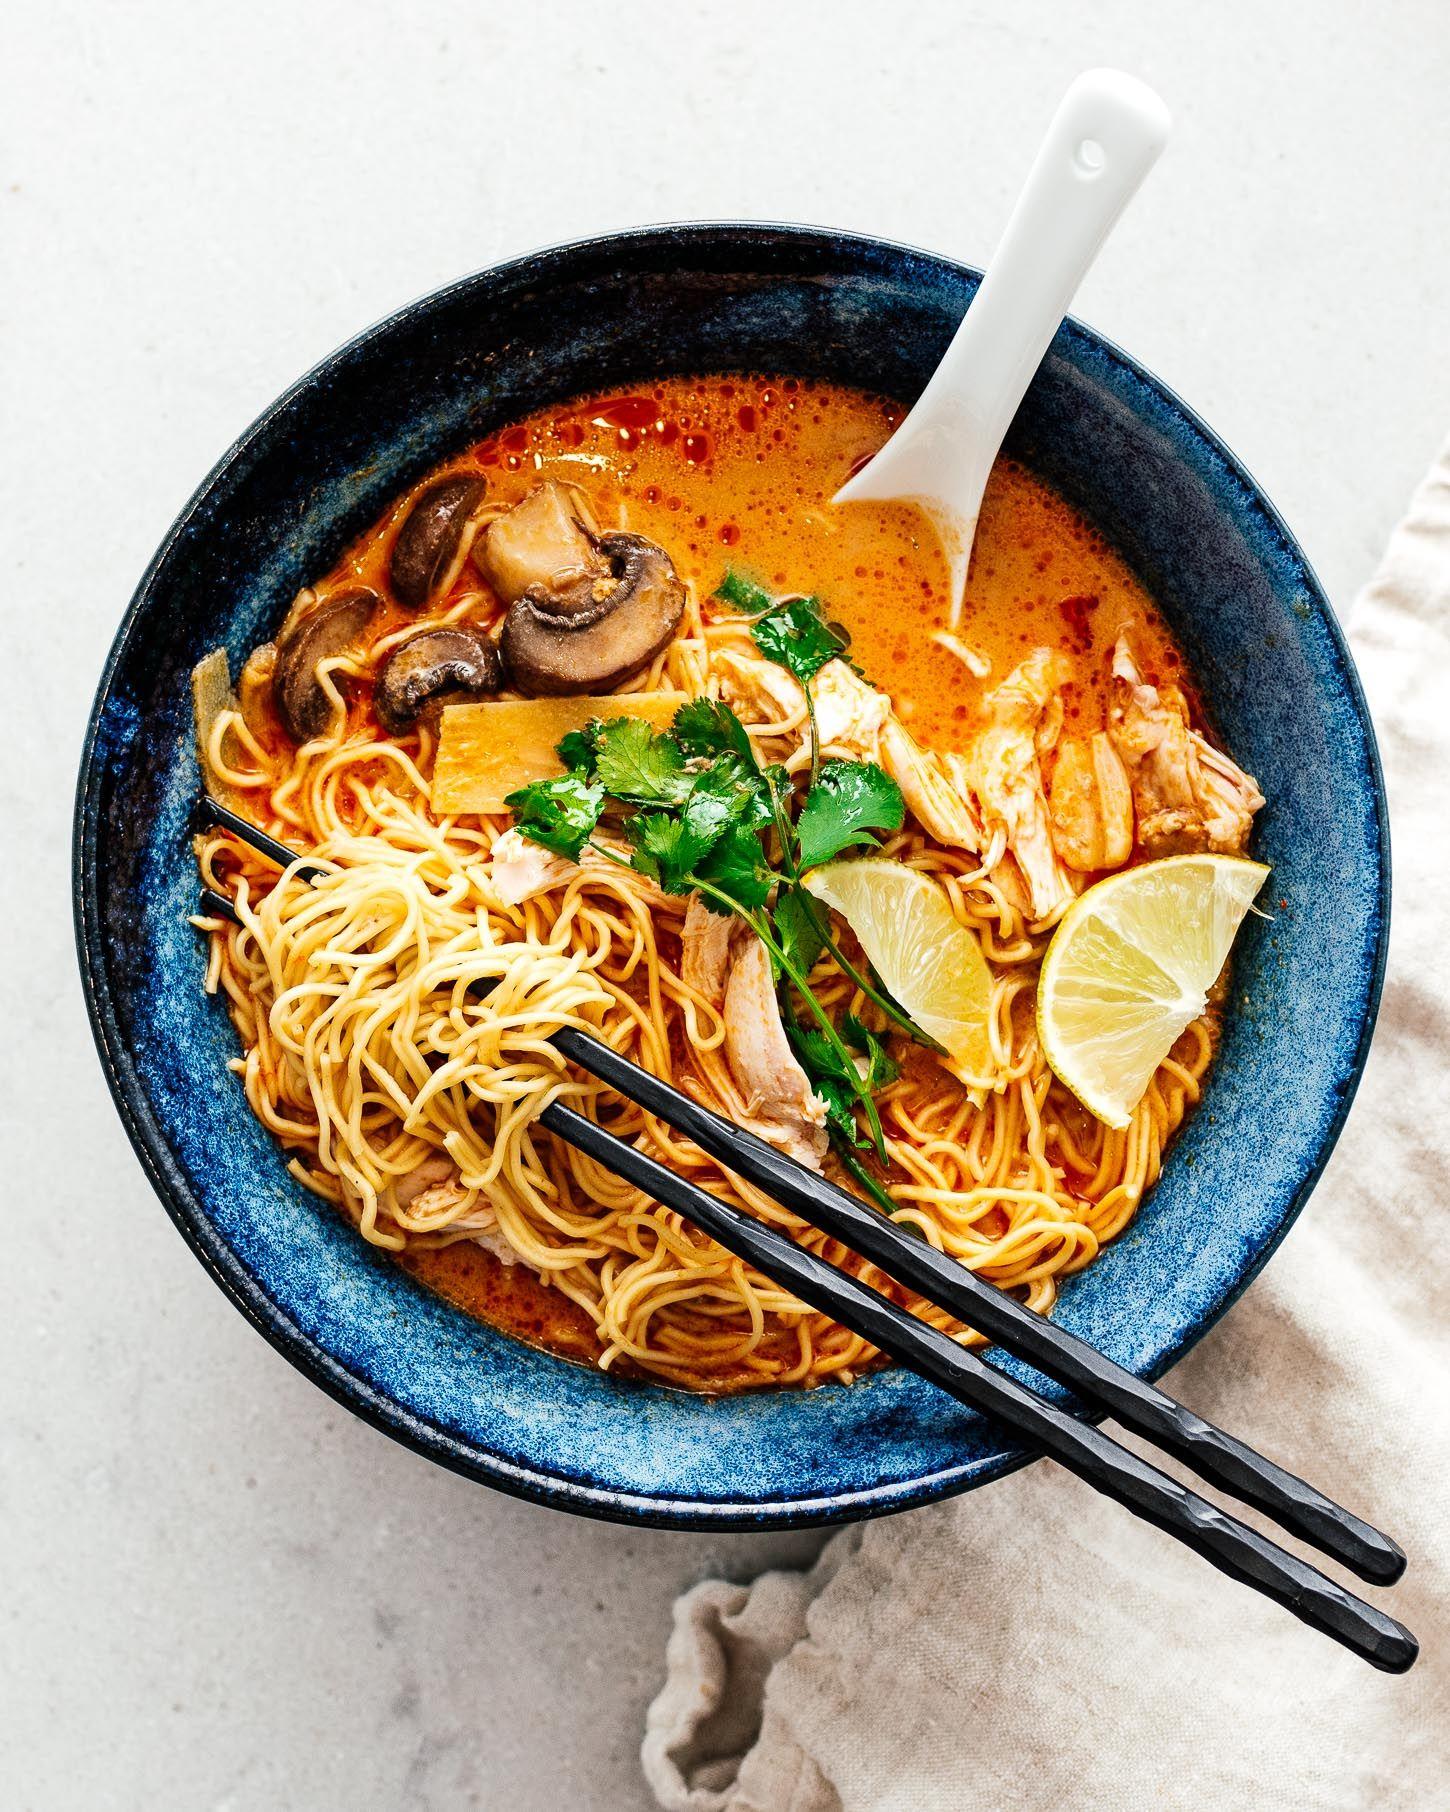 15 Minute Thai Red Curry Ramen Recipe I Am A Food Blog Recipe Curry Ramen Ramen Recipes Food Blog